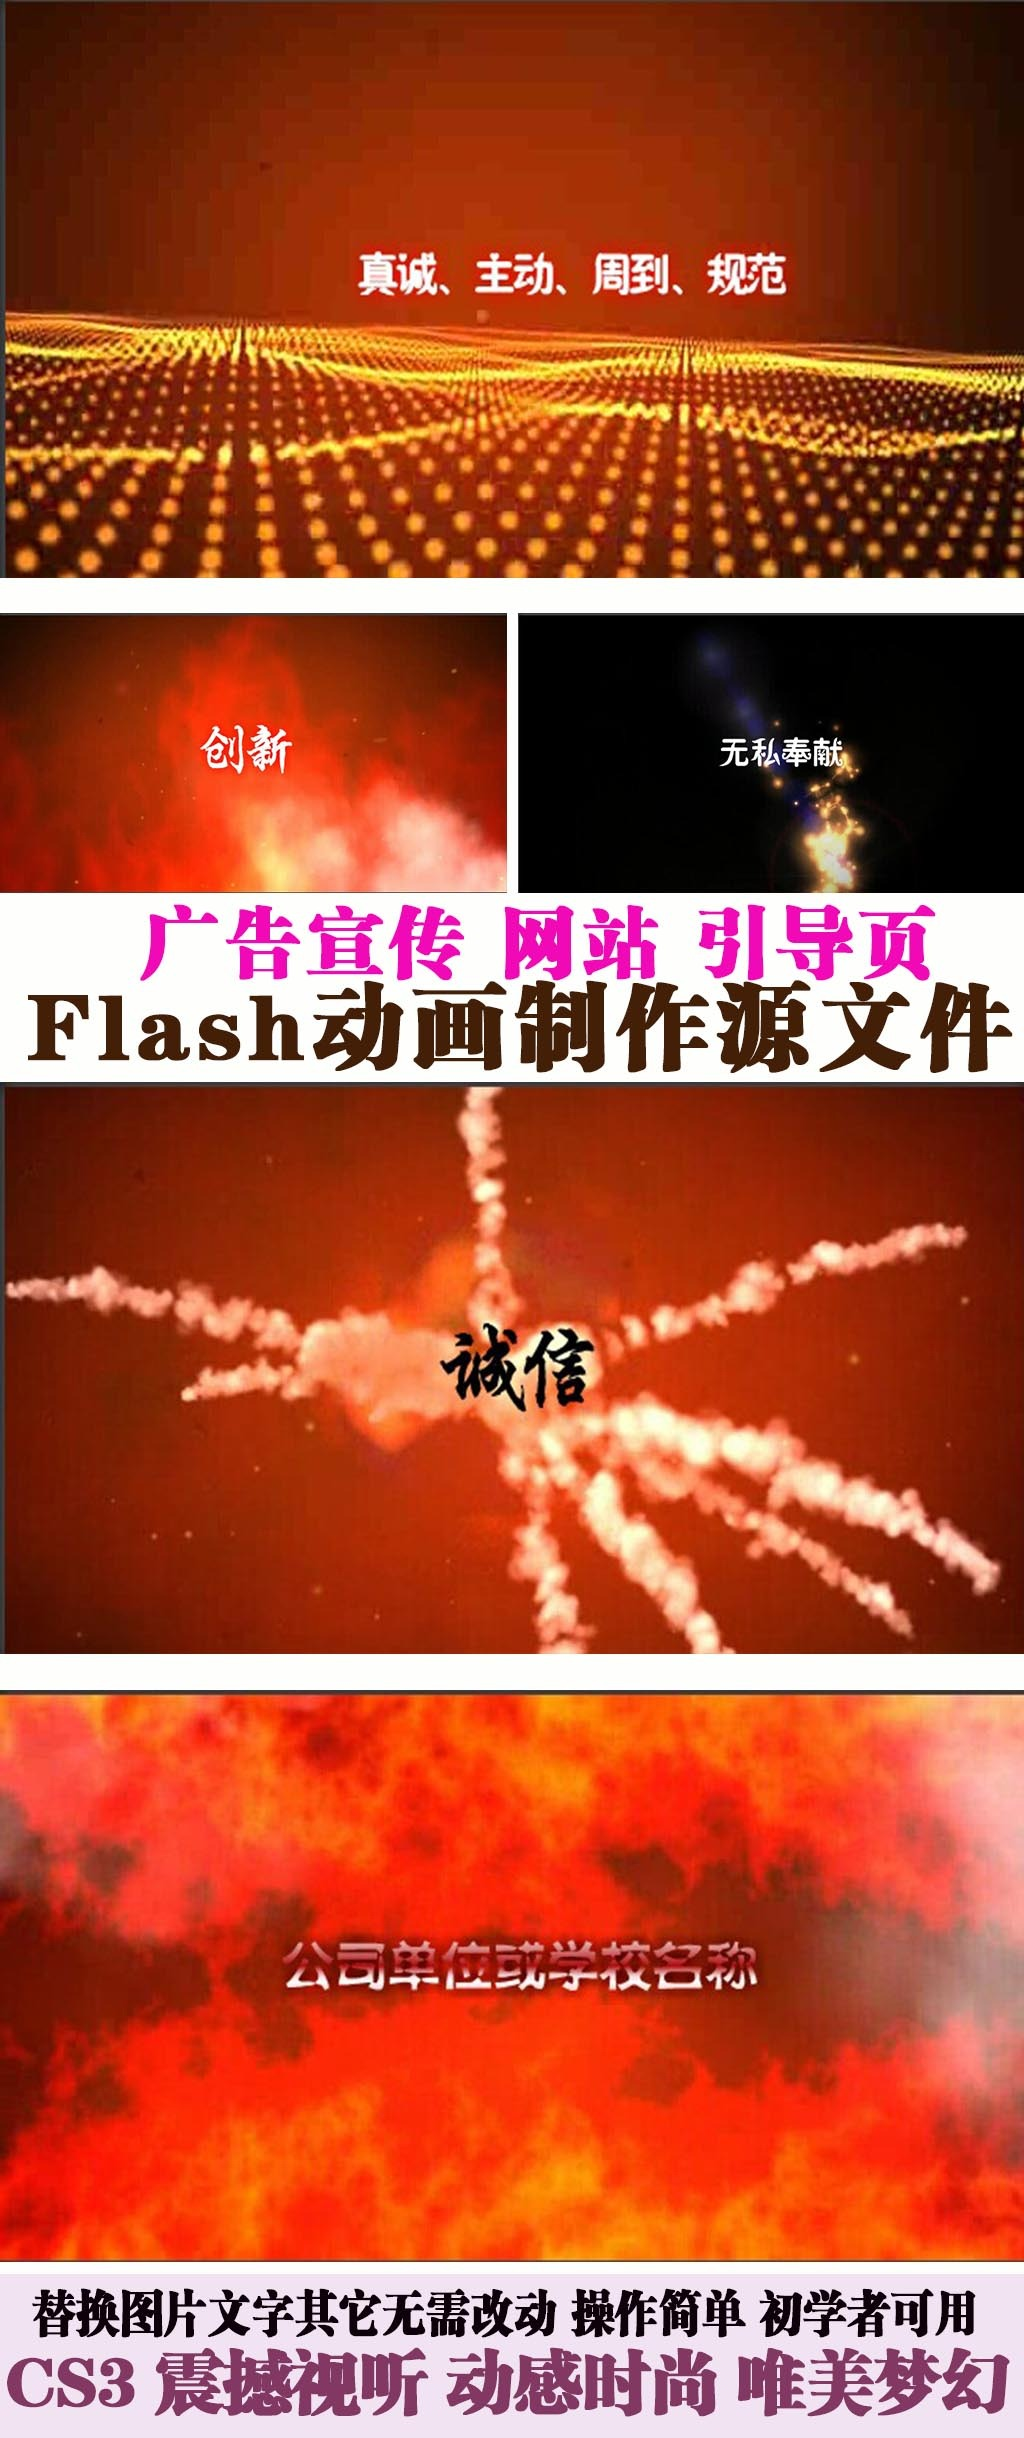 火焰燃烧爆炸粒子特效广告flash模板模板下载(图片:)